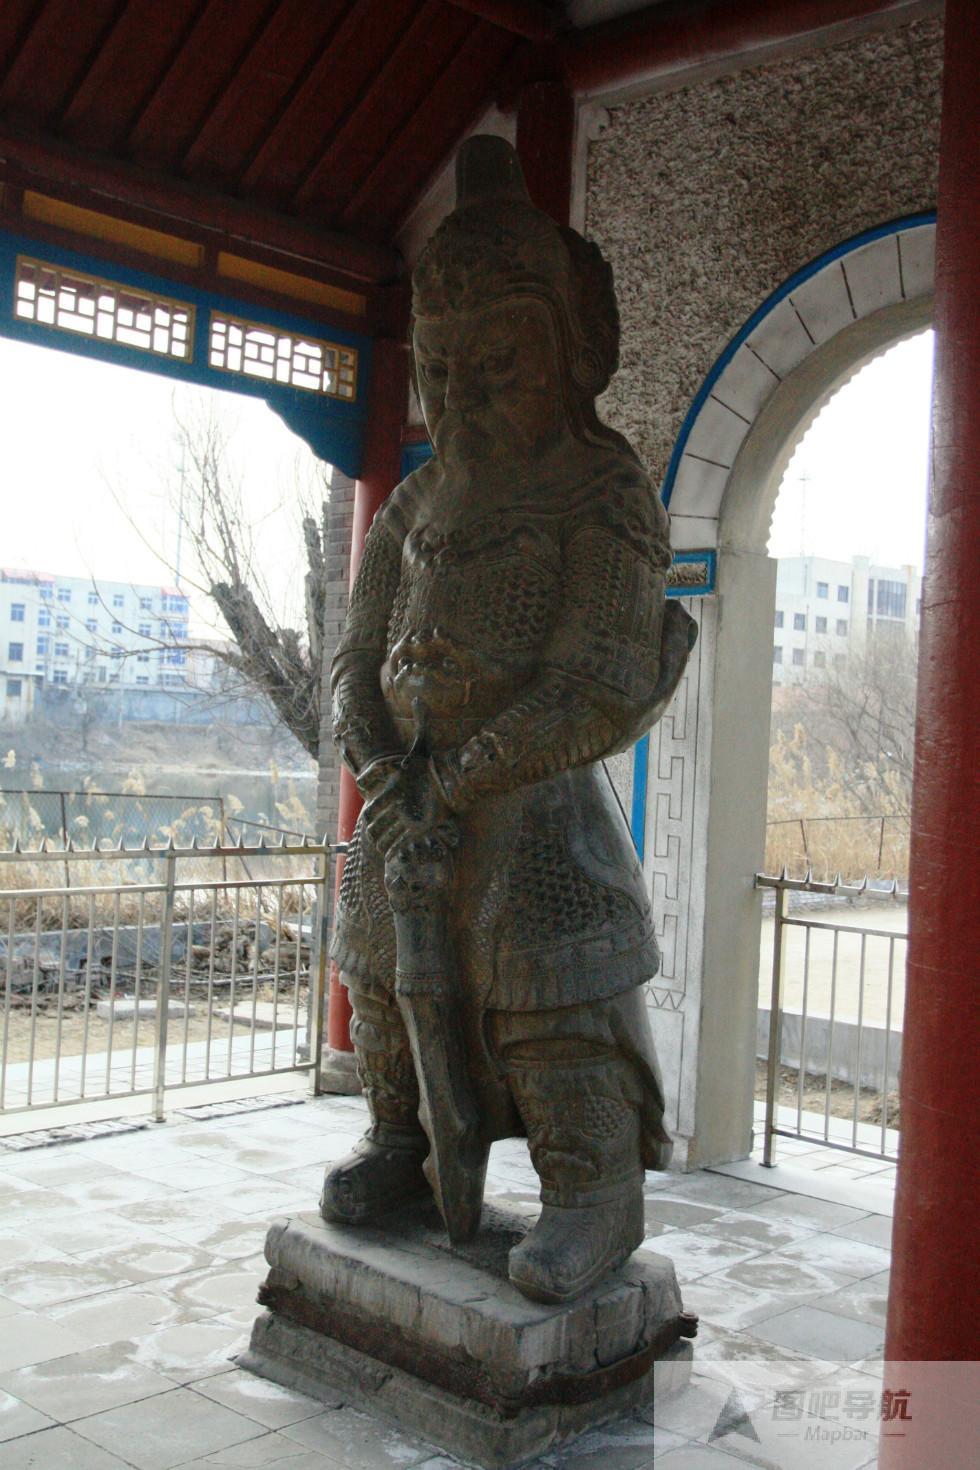 沧州市旅游 地图 沧州市旅游景点 地图 河北省